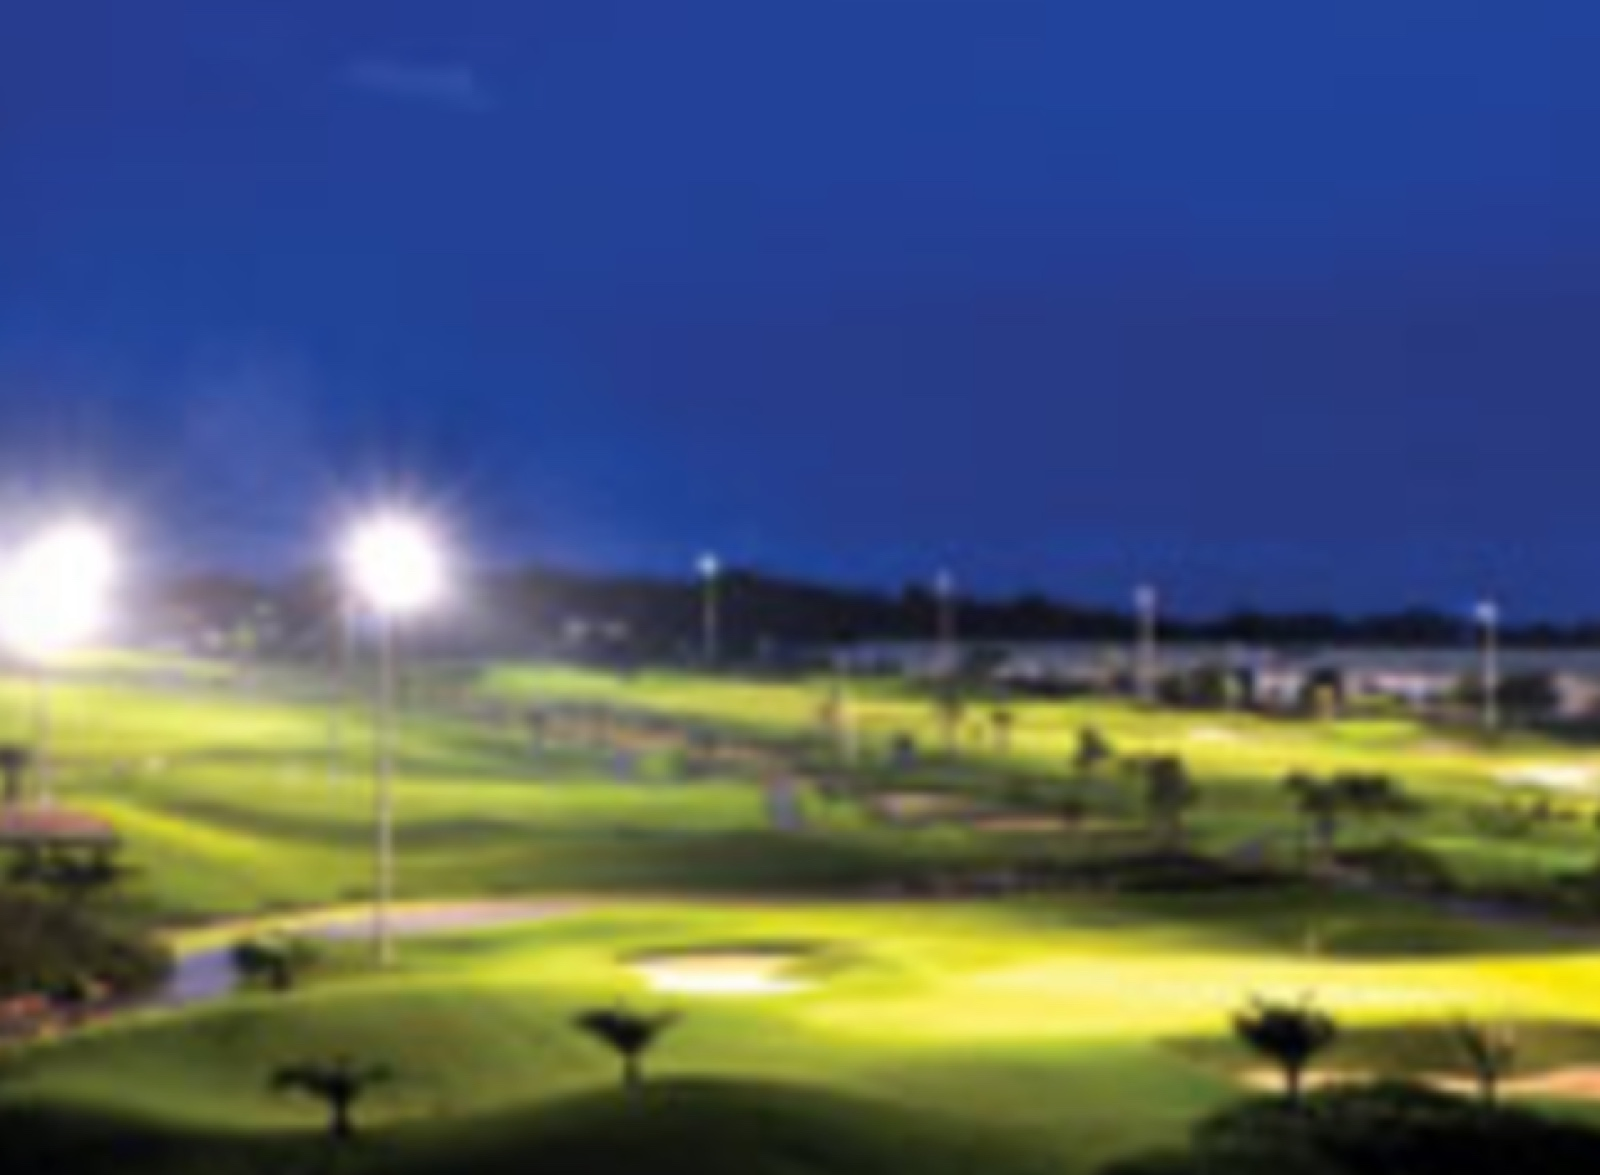 ツインダボスゴルフクラブ